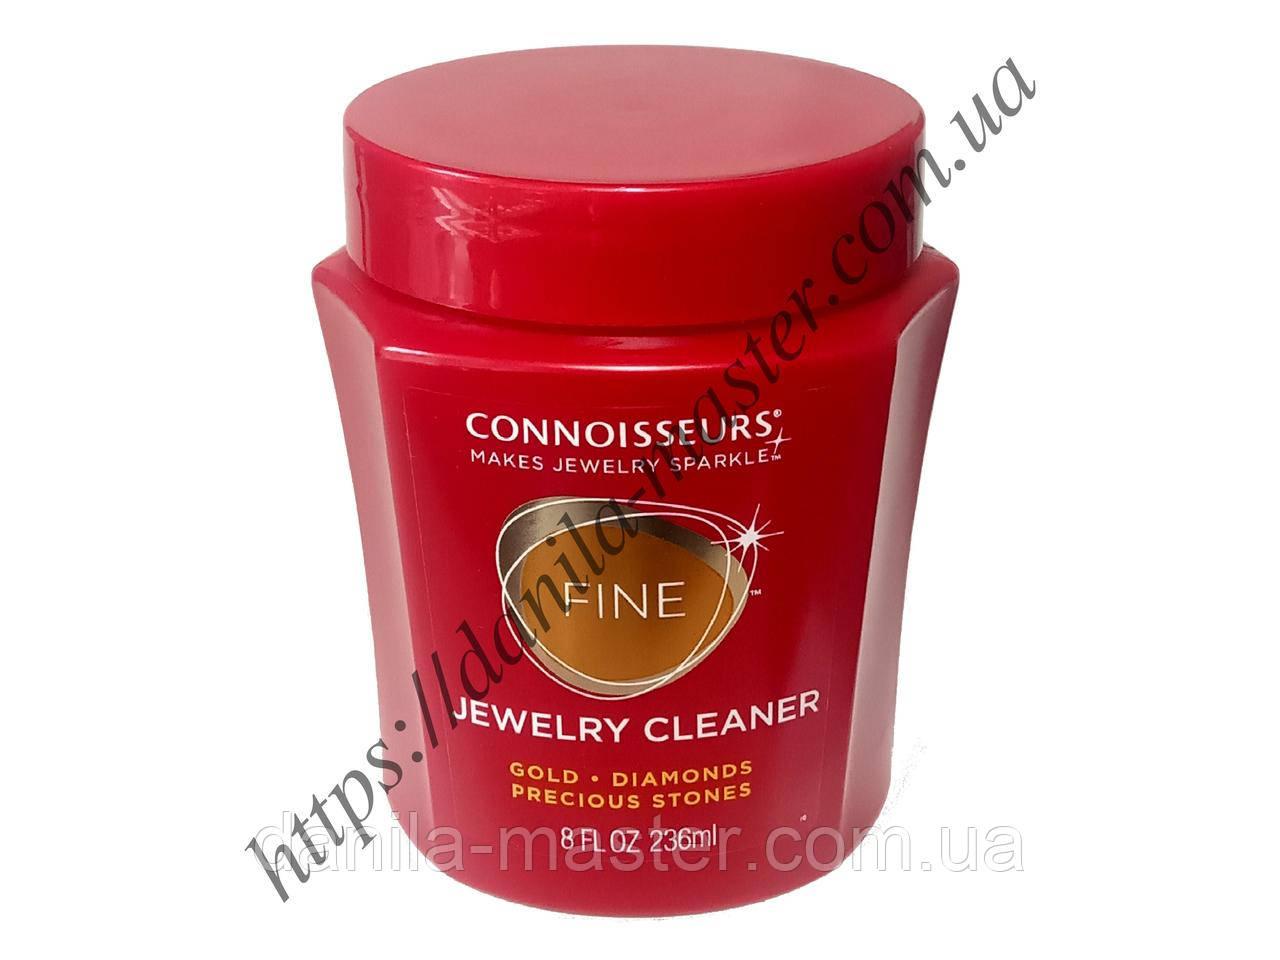 Концентрат для очищення золотих виробів (236 мл) CONNOISSEURS